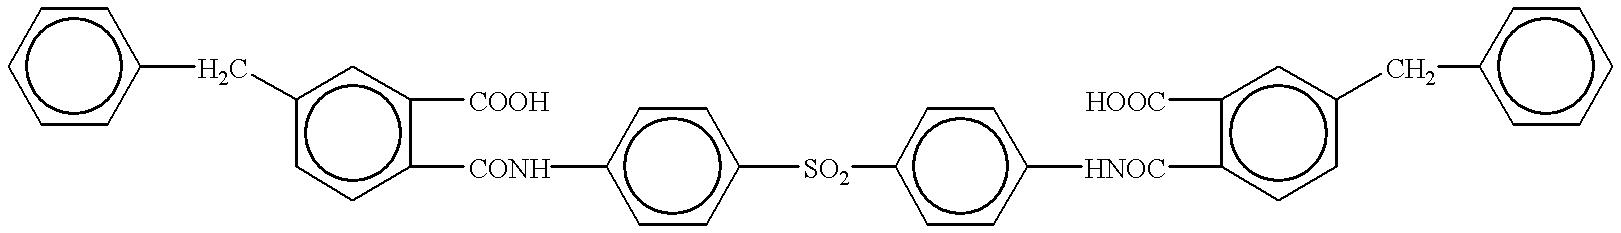 Figure US06180560-20010130-C00519